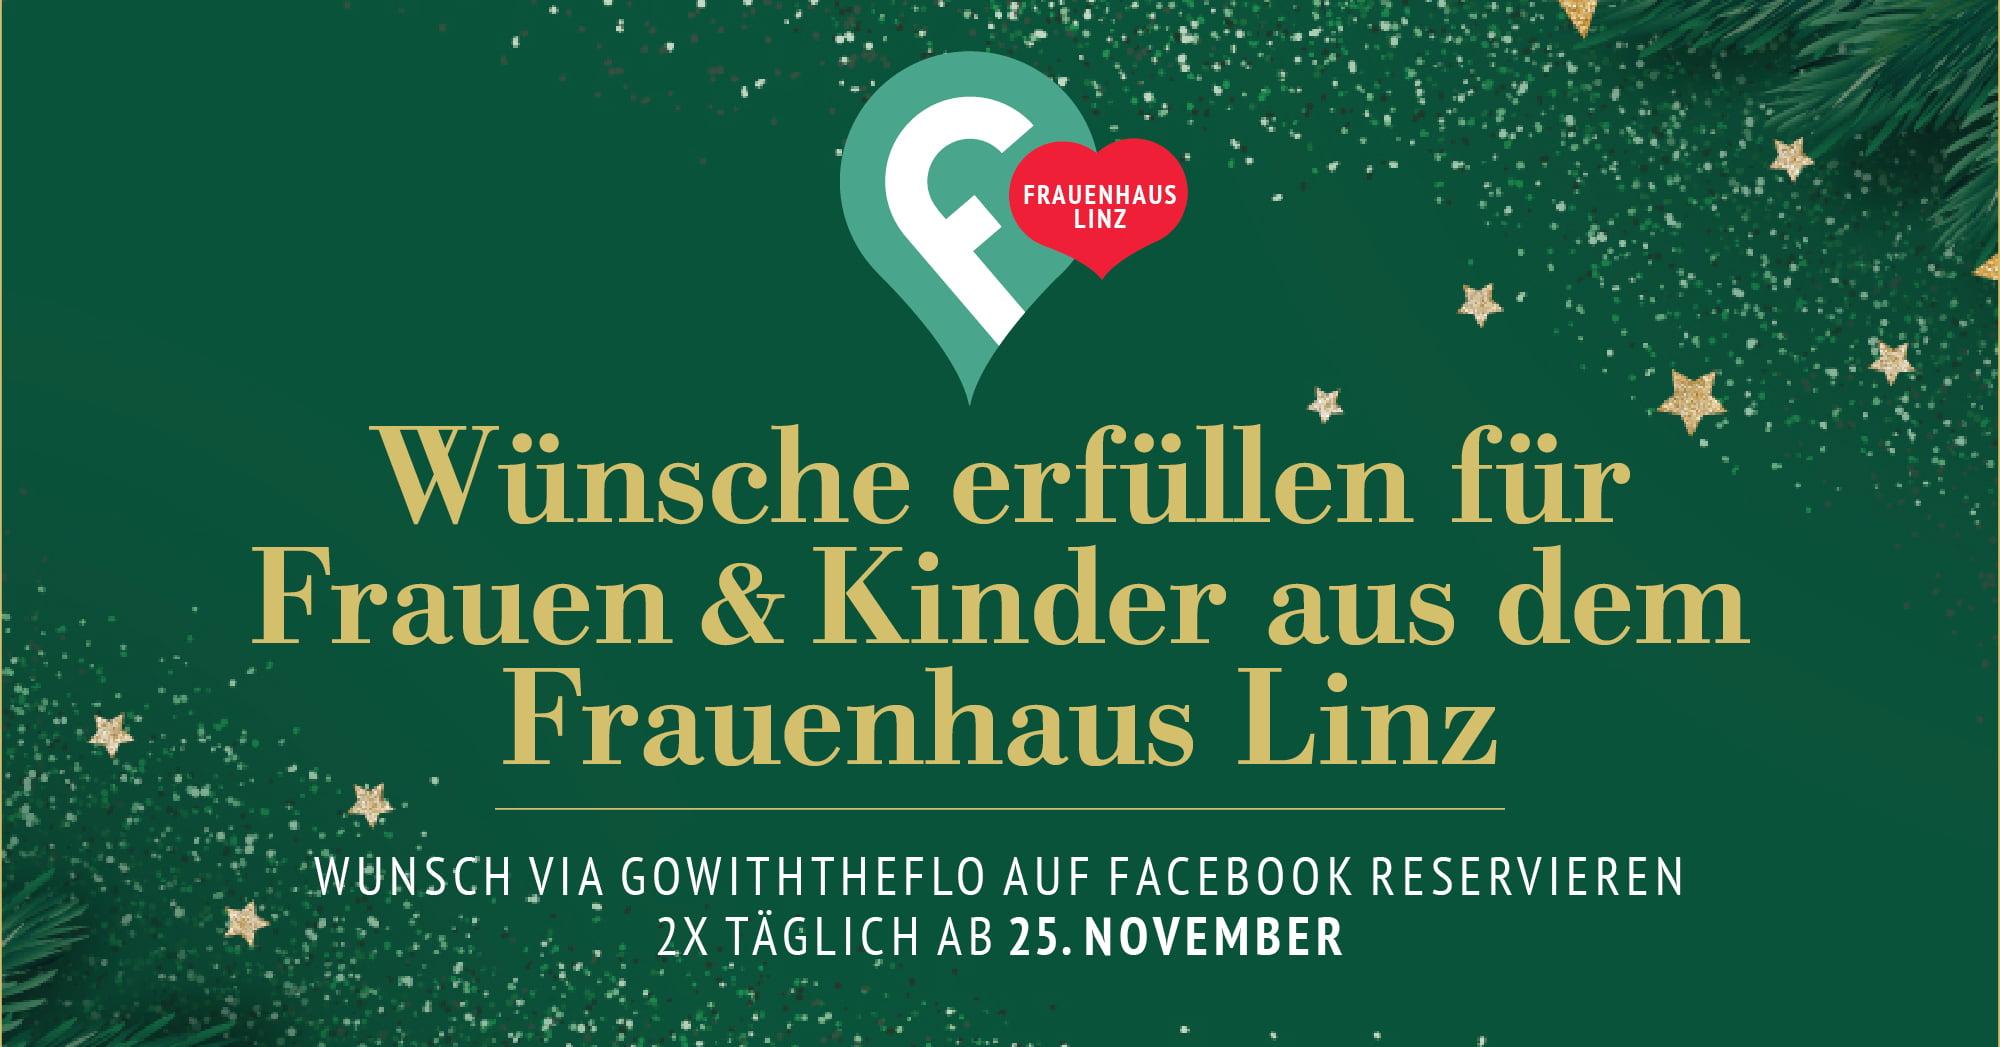 Weihnachtswünsche fürs Frauenhaus Linz